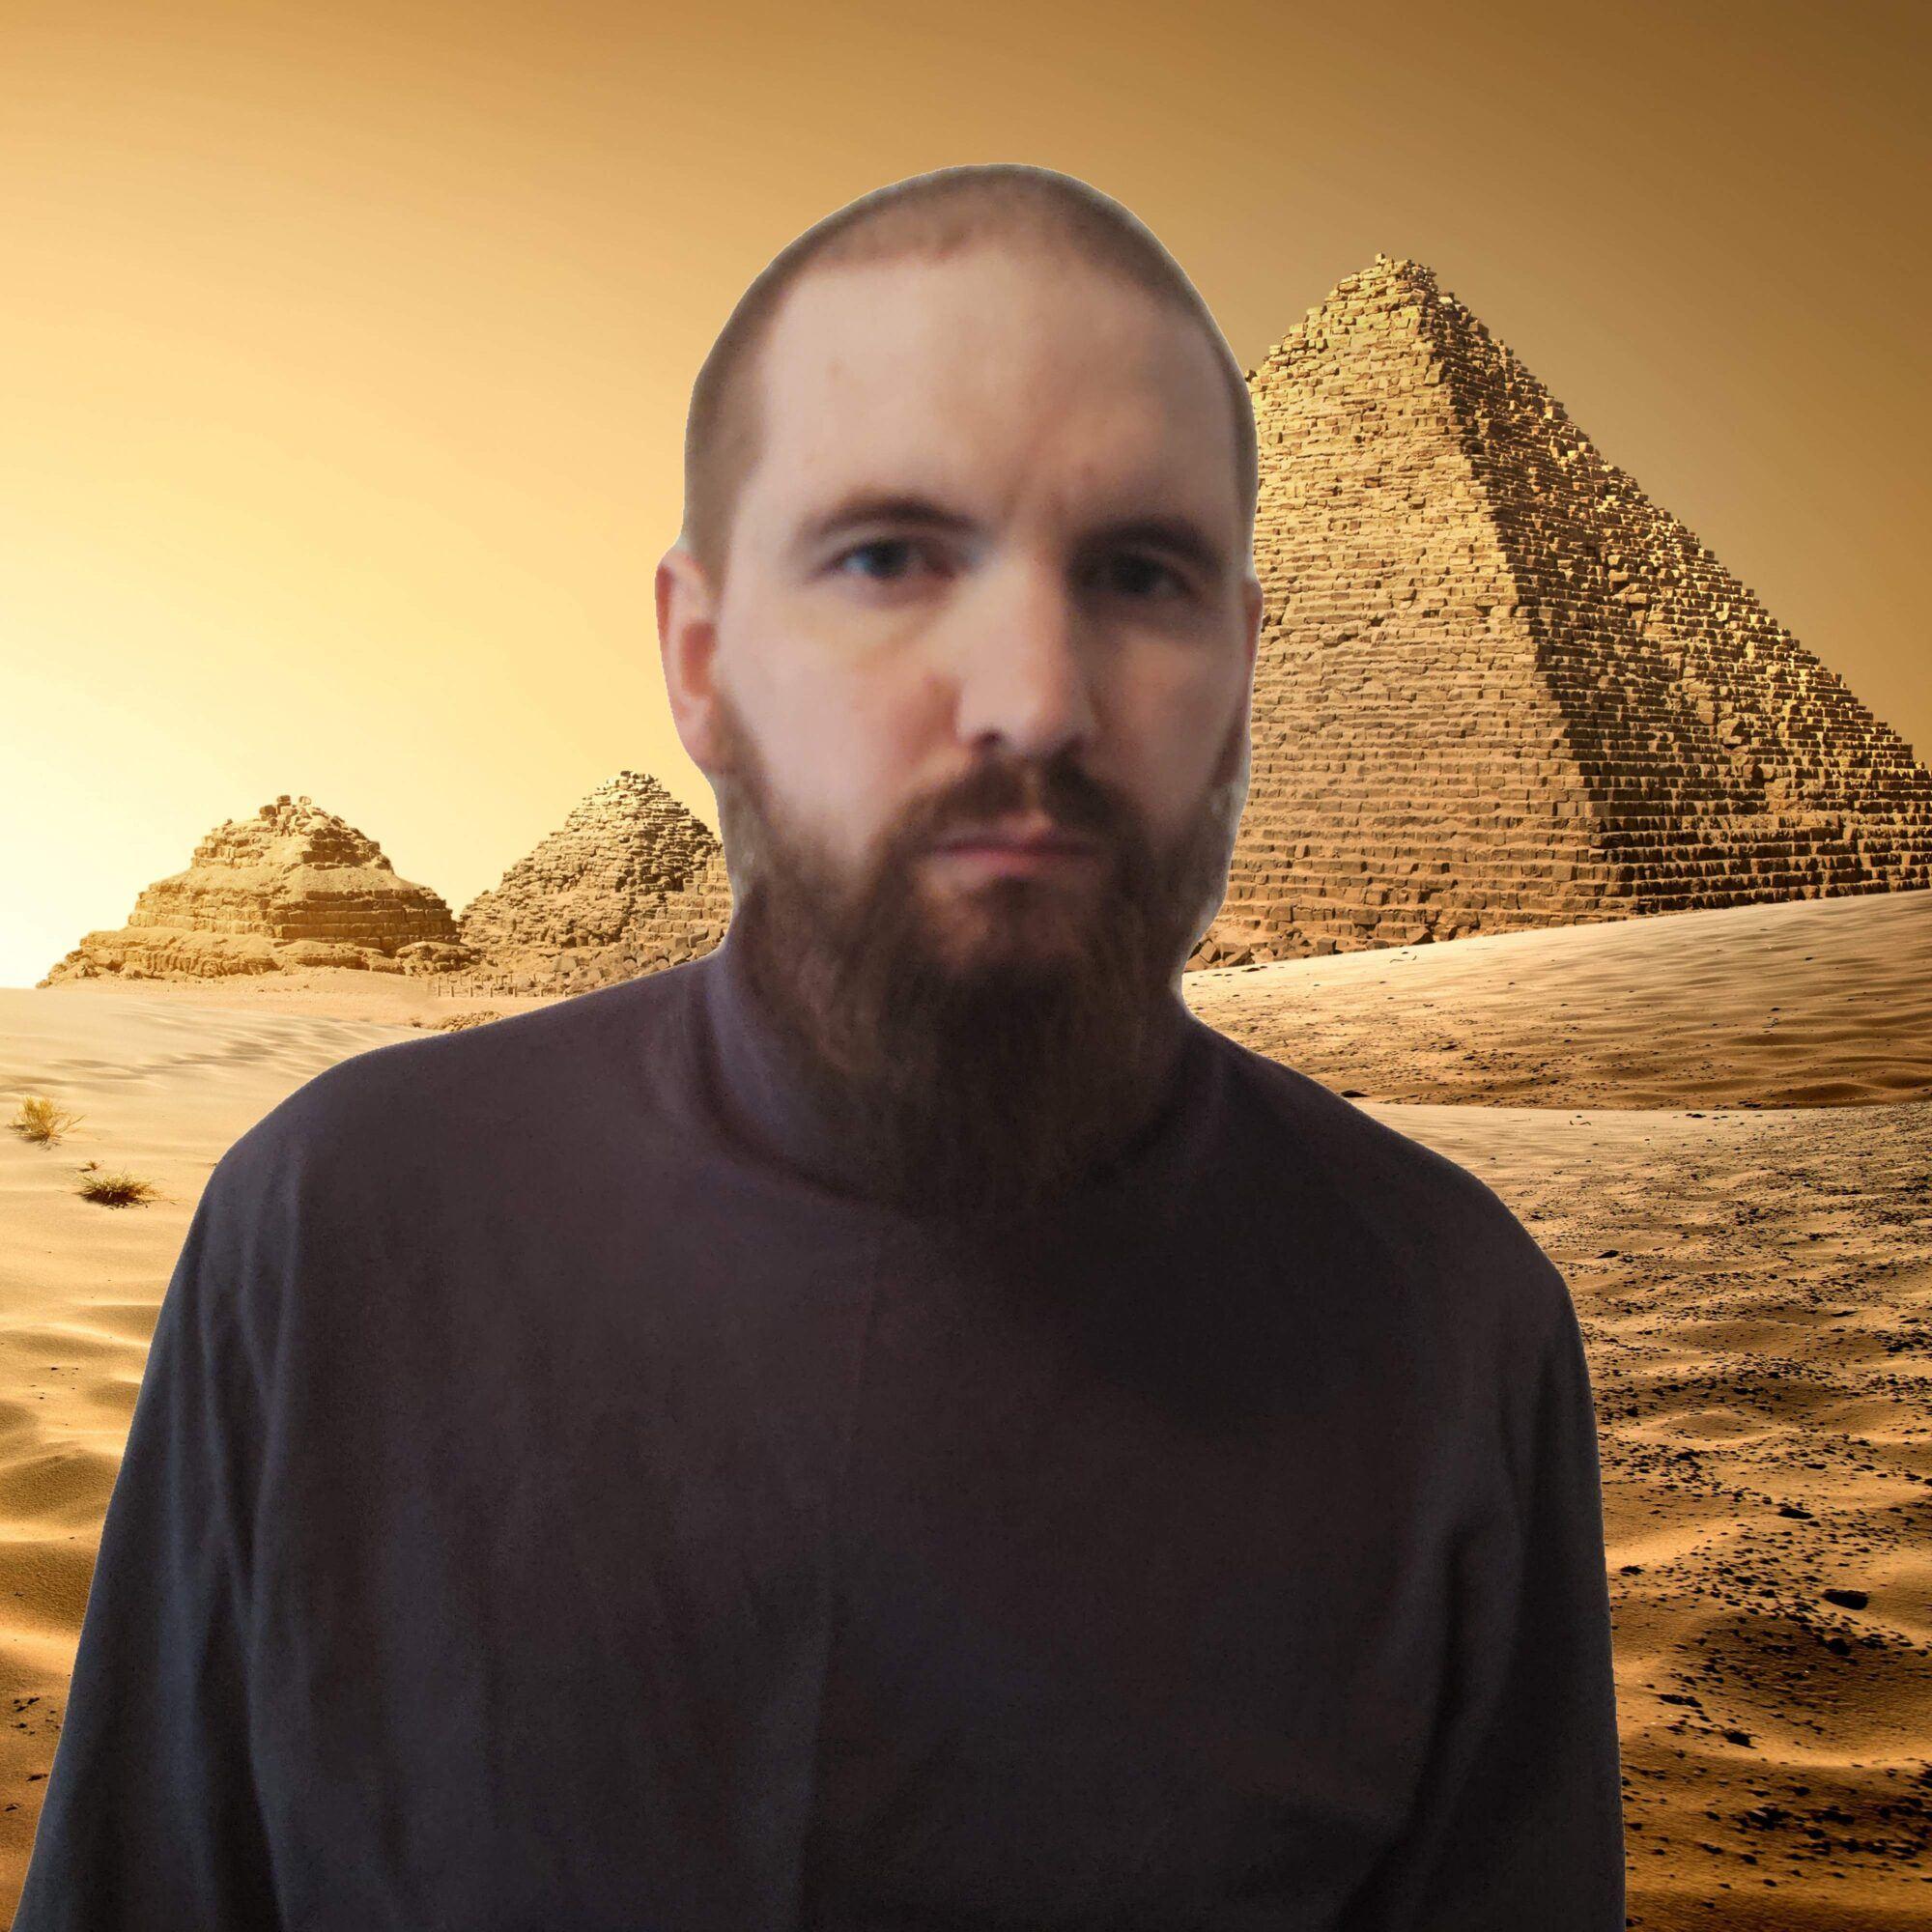 je suis une des merveilles d'Égypte